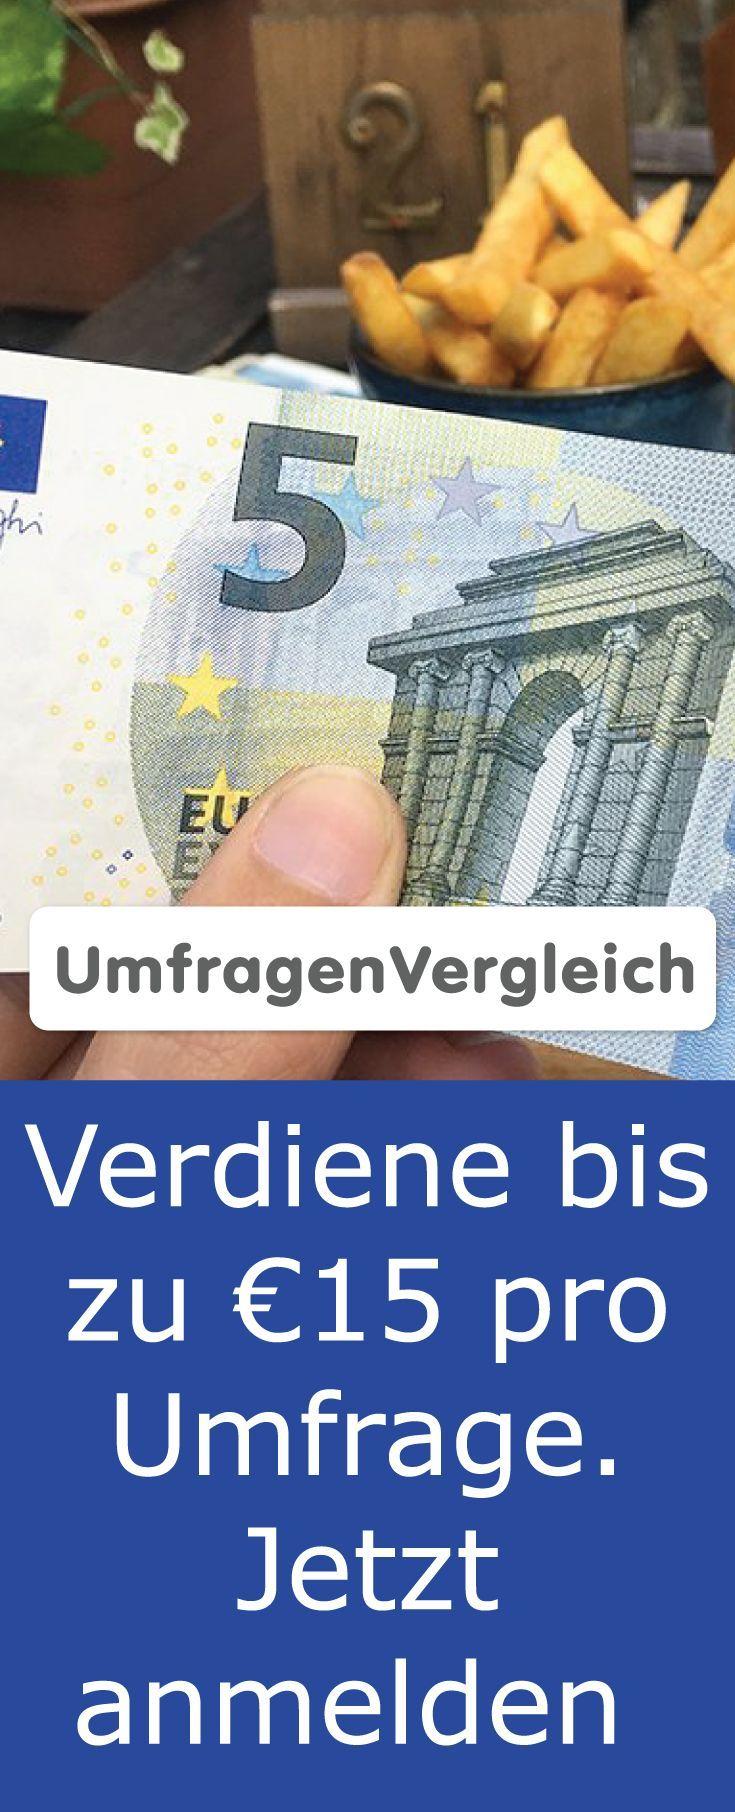 15 Euro Pro Umfrage